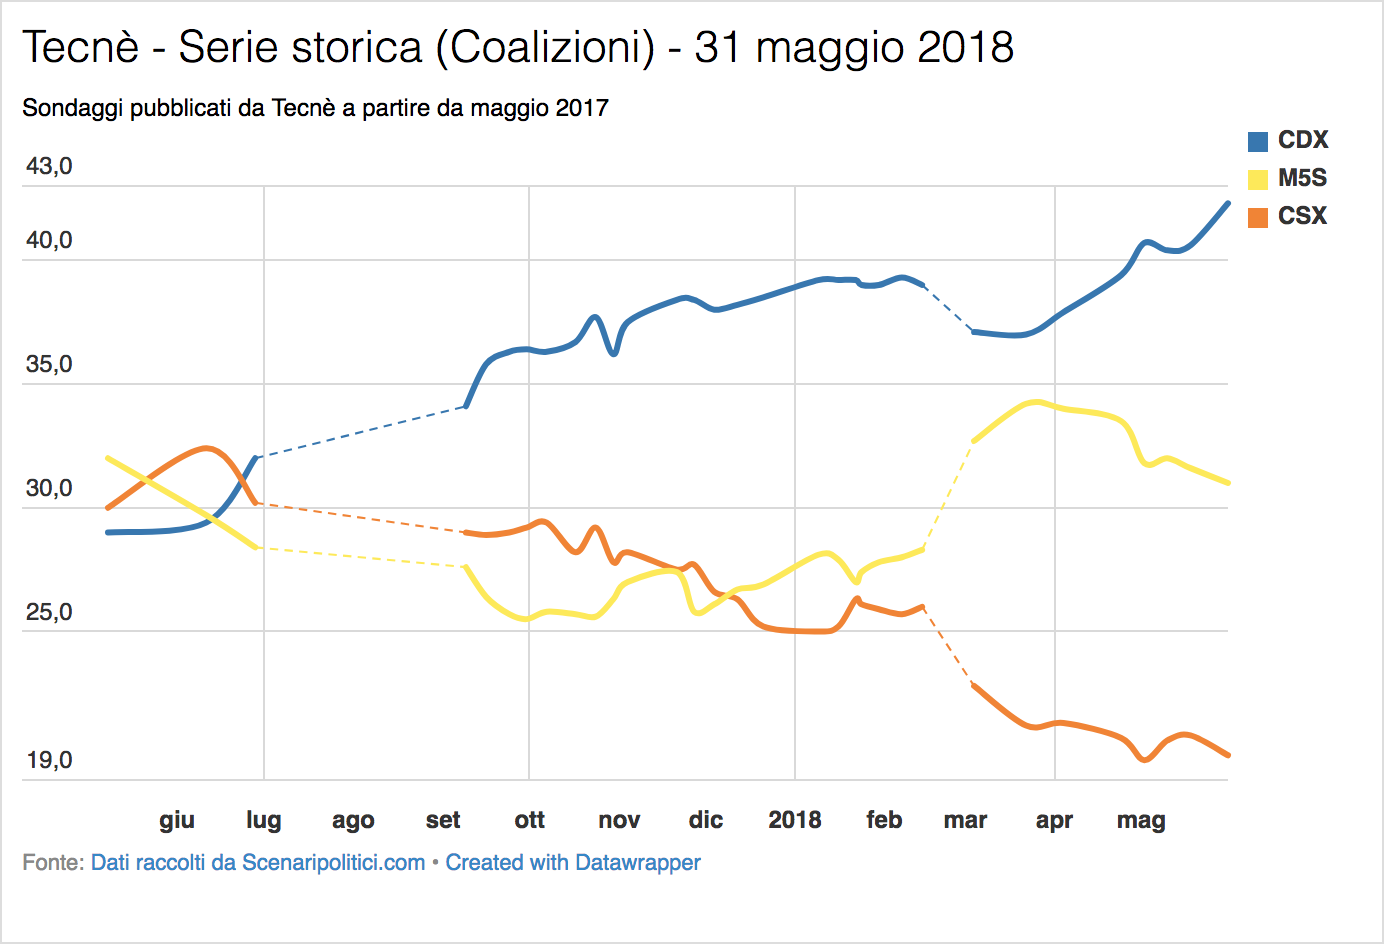 Sondaggio Tecnè (31 maggio 2018)